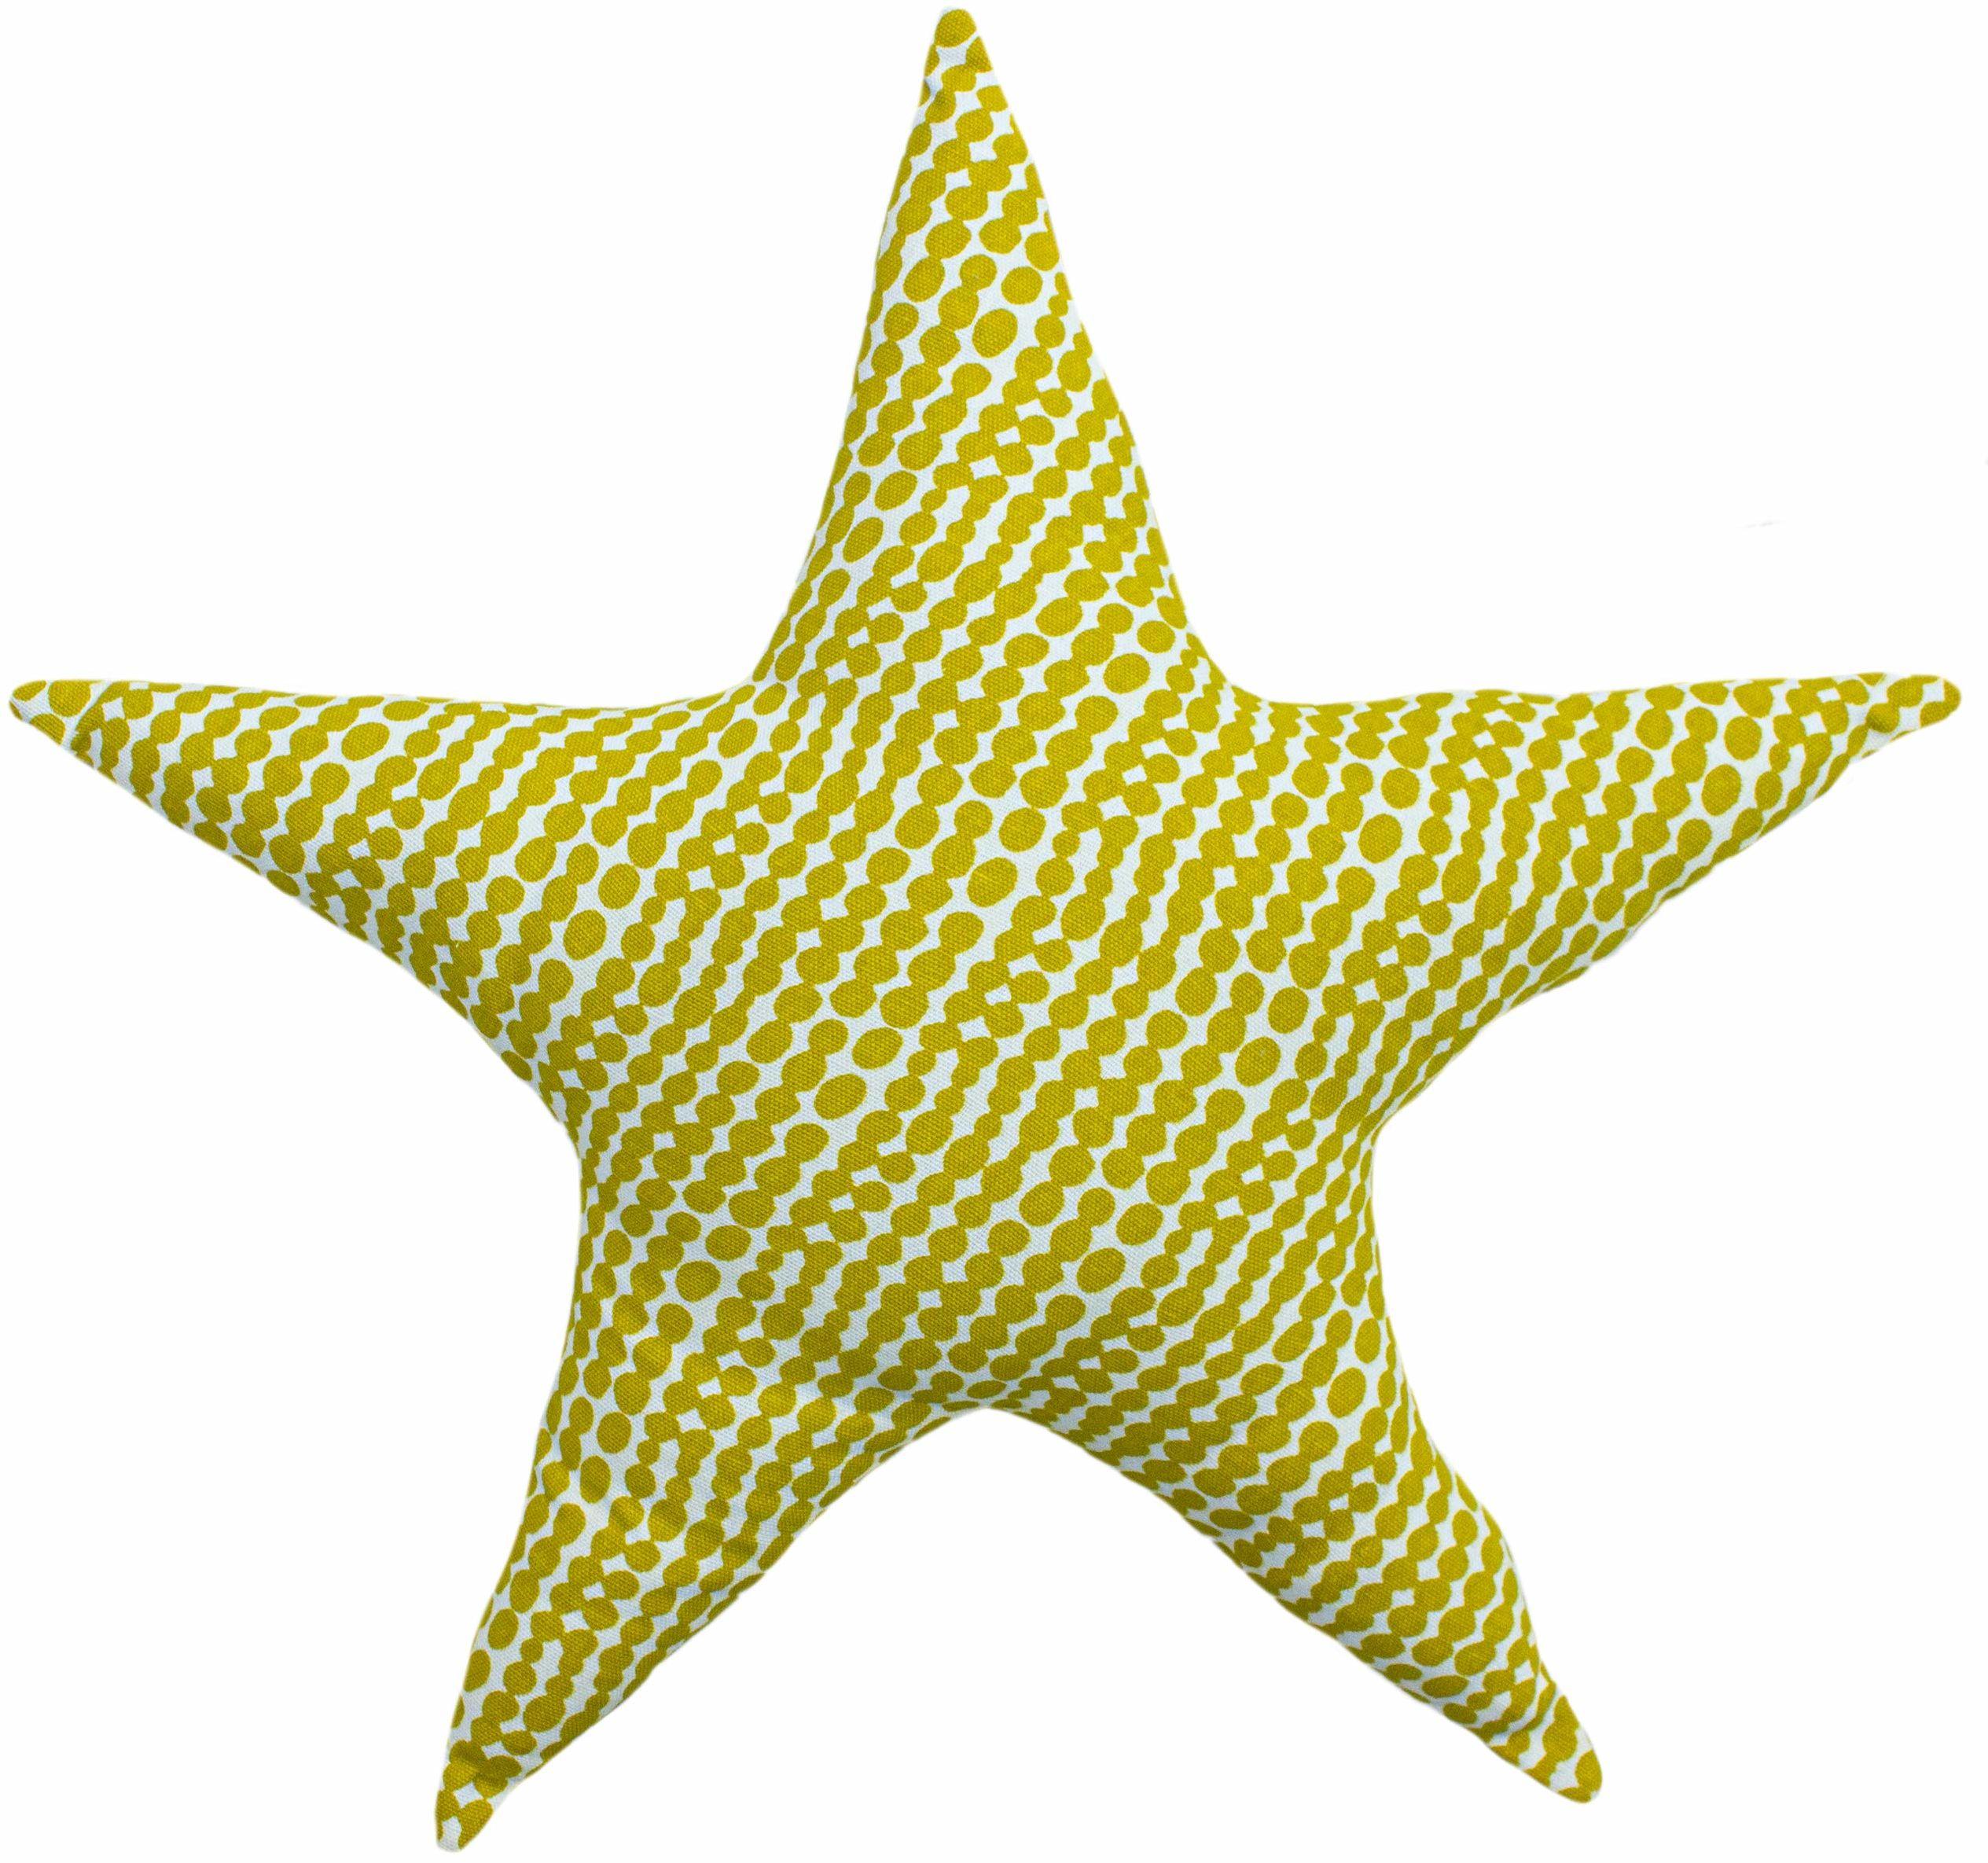 little furn. Poduszka z nadrukiem w gwiazdki, musztarda/szara, 40 x 40 x 10 cm